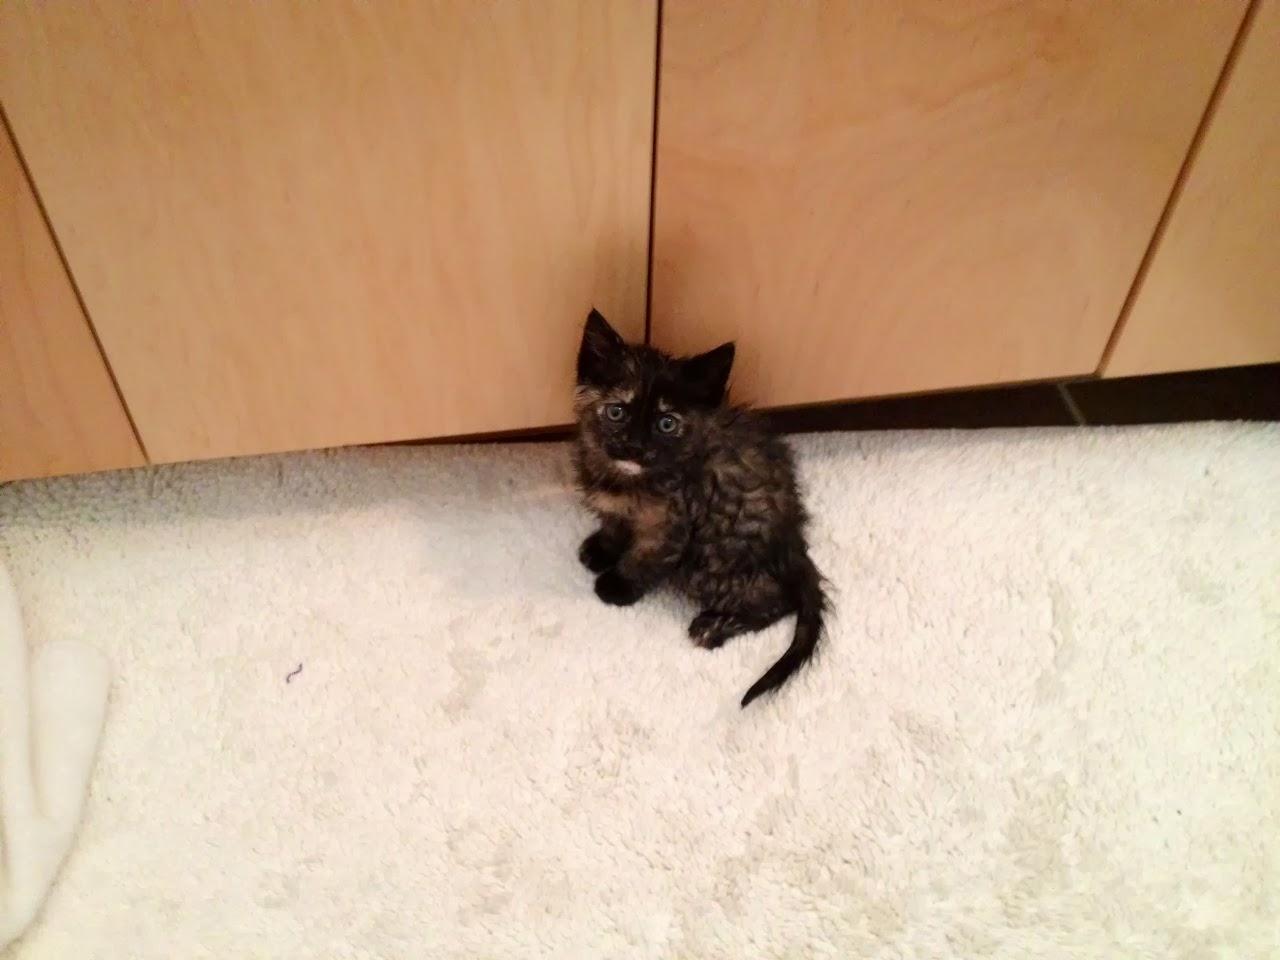 Kitty falls in bathtub